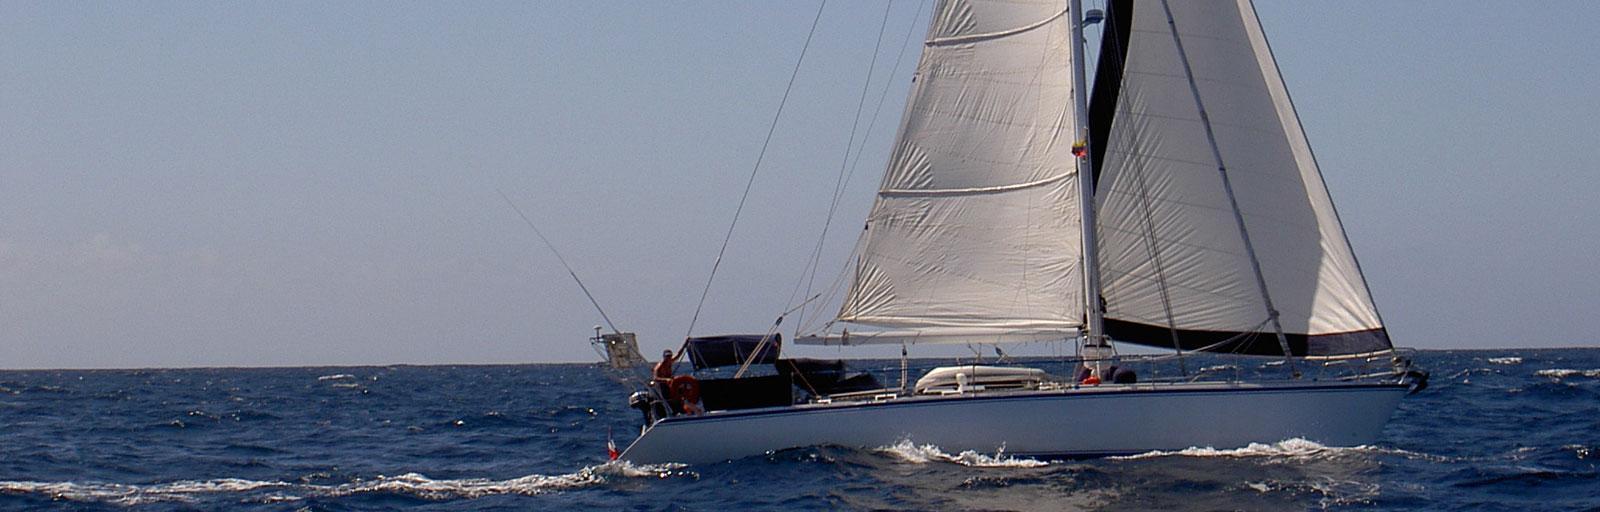 AYC Yachtbrokers - Via 52